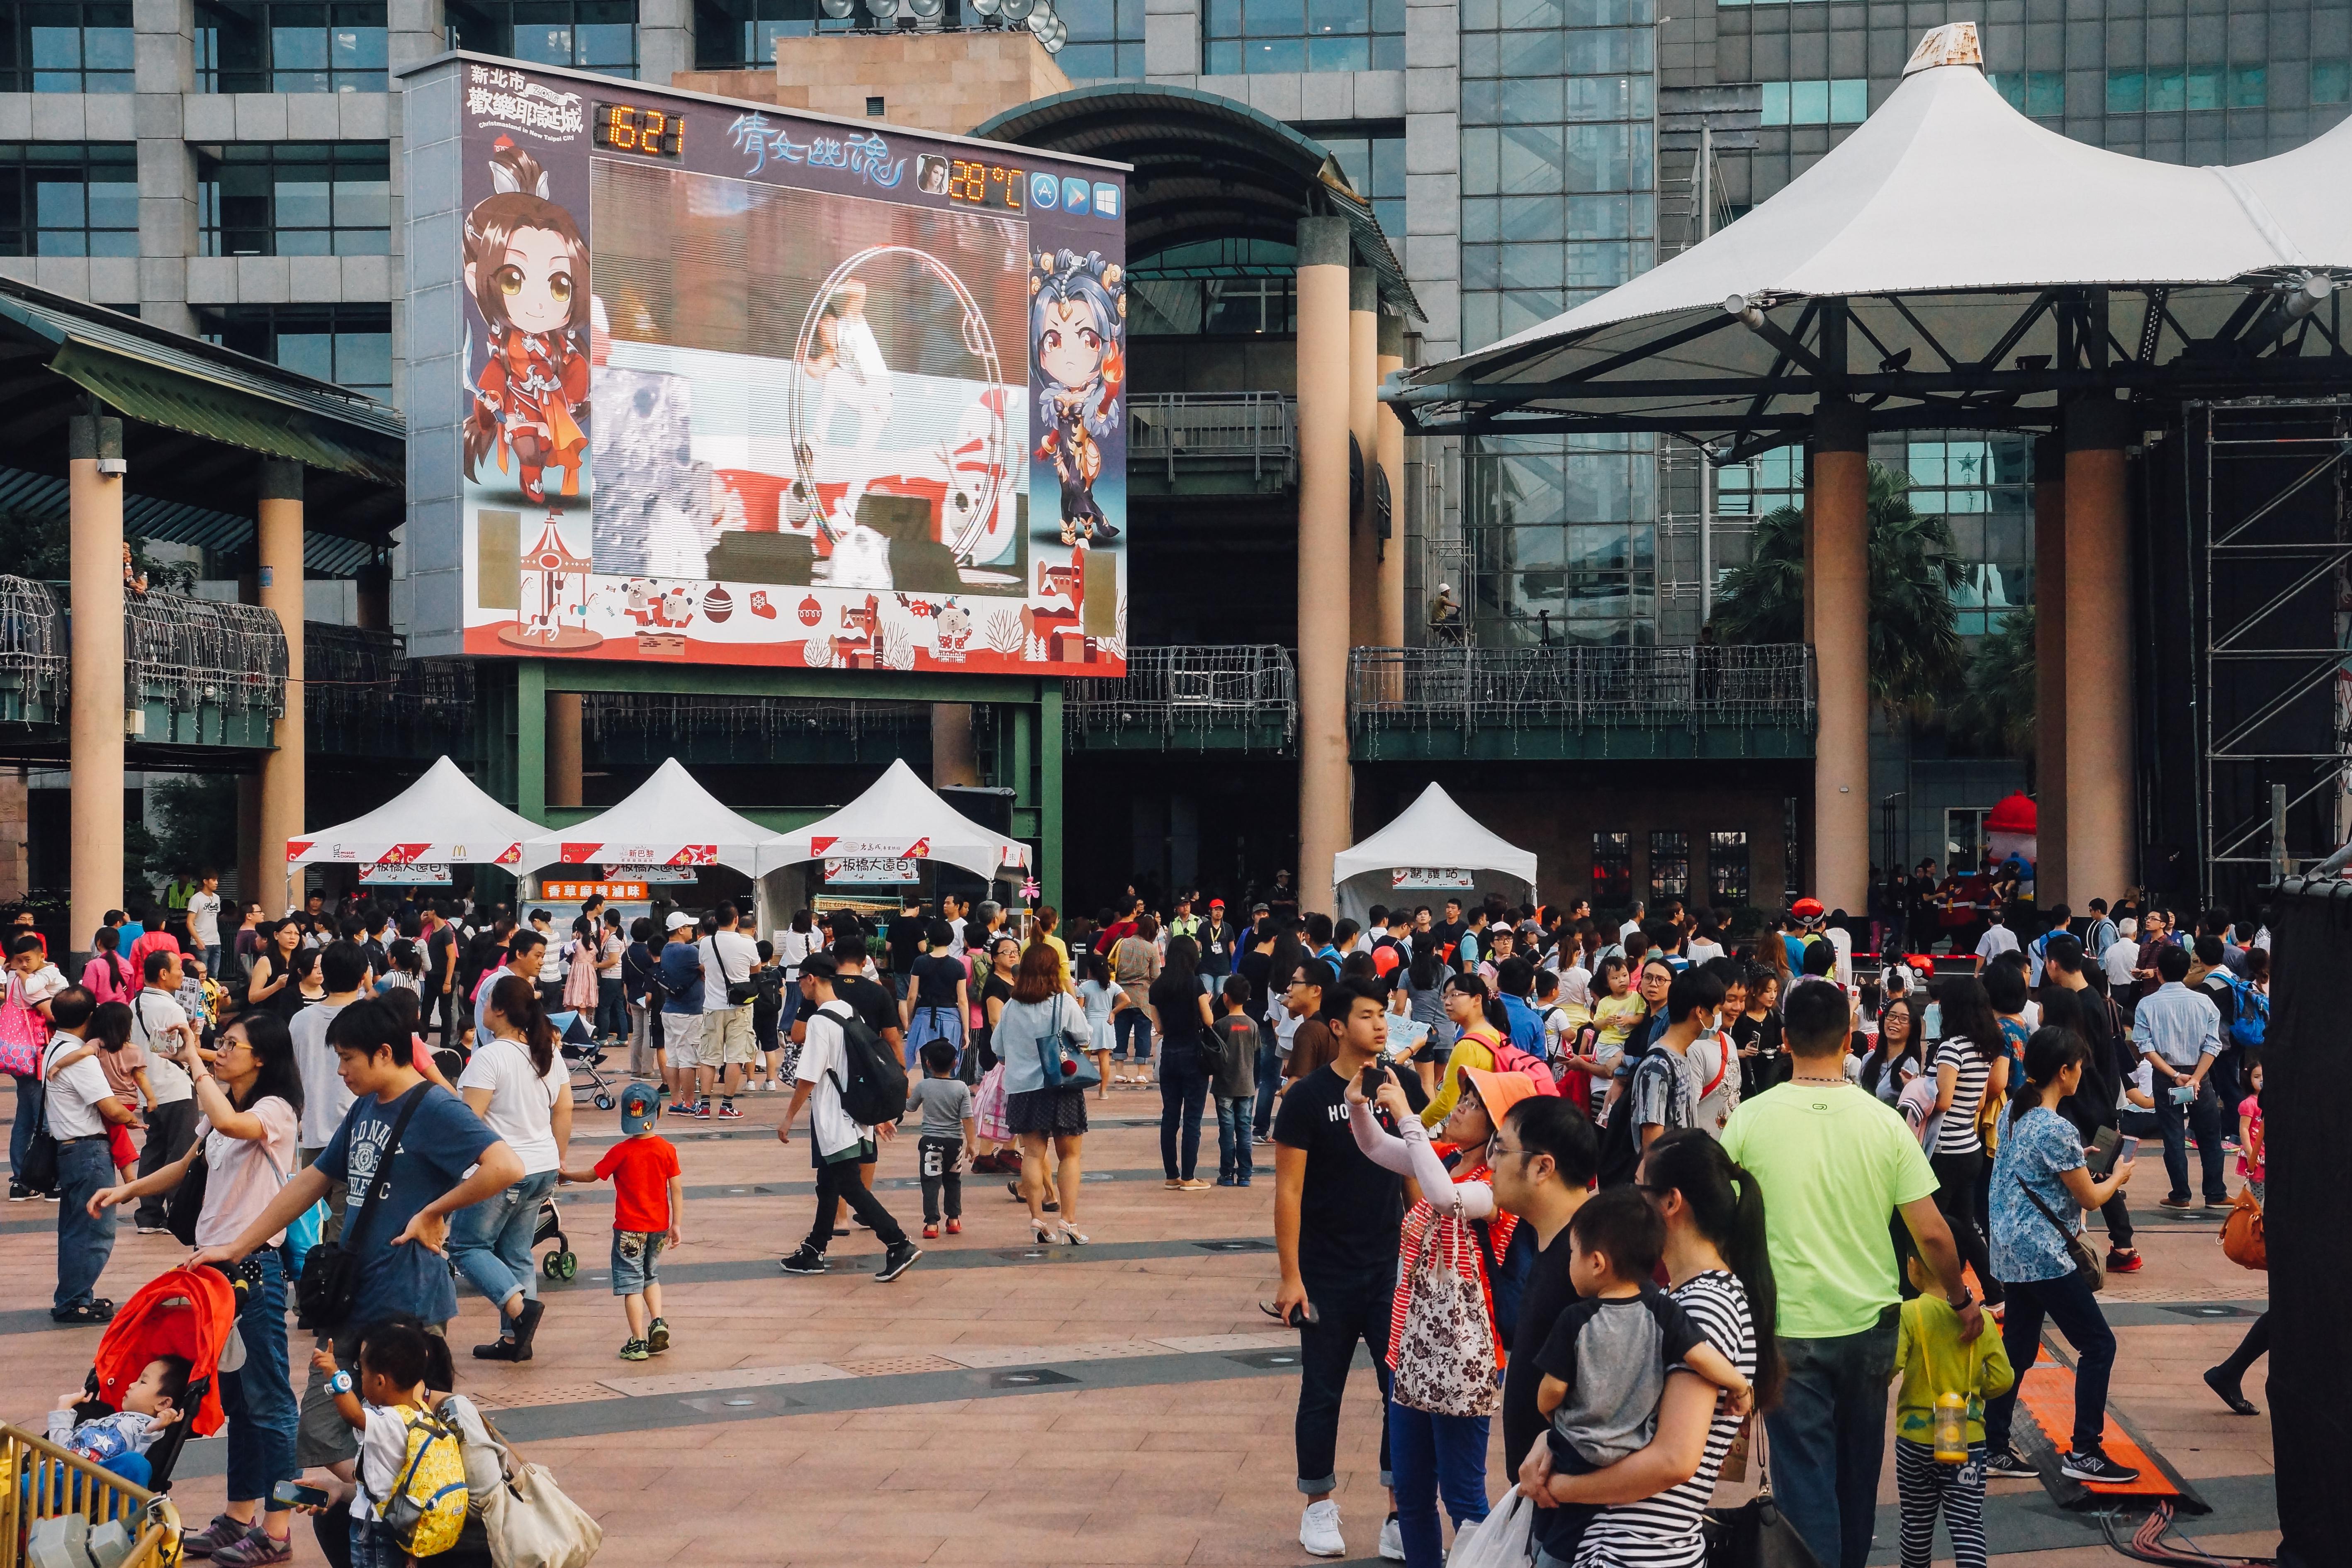 市民廣場從下午起就陸續湧入人潮。攝影/潘姿穎